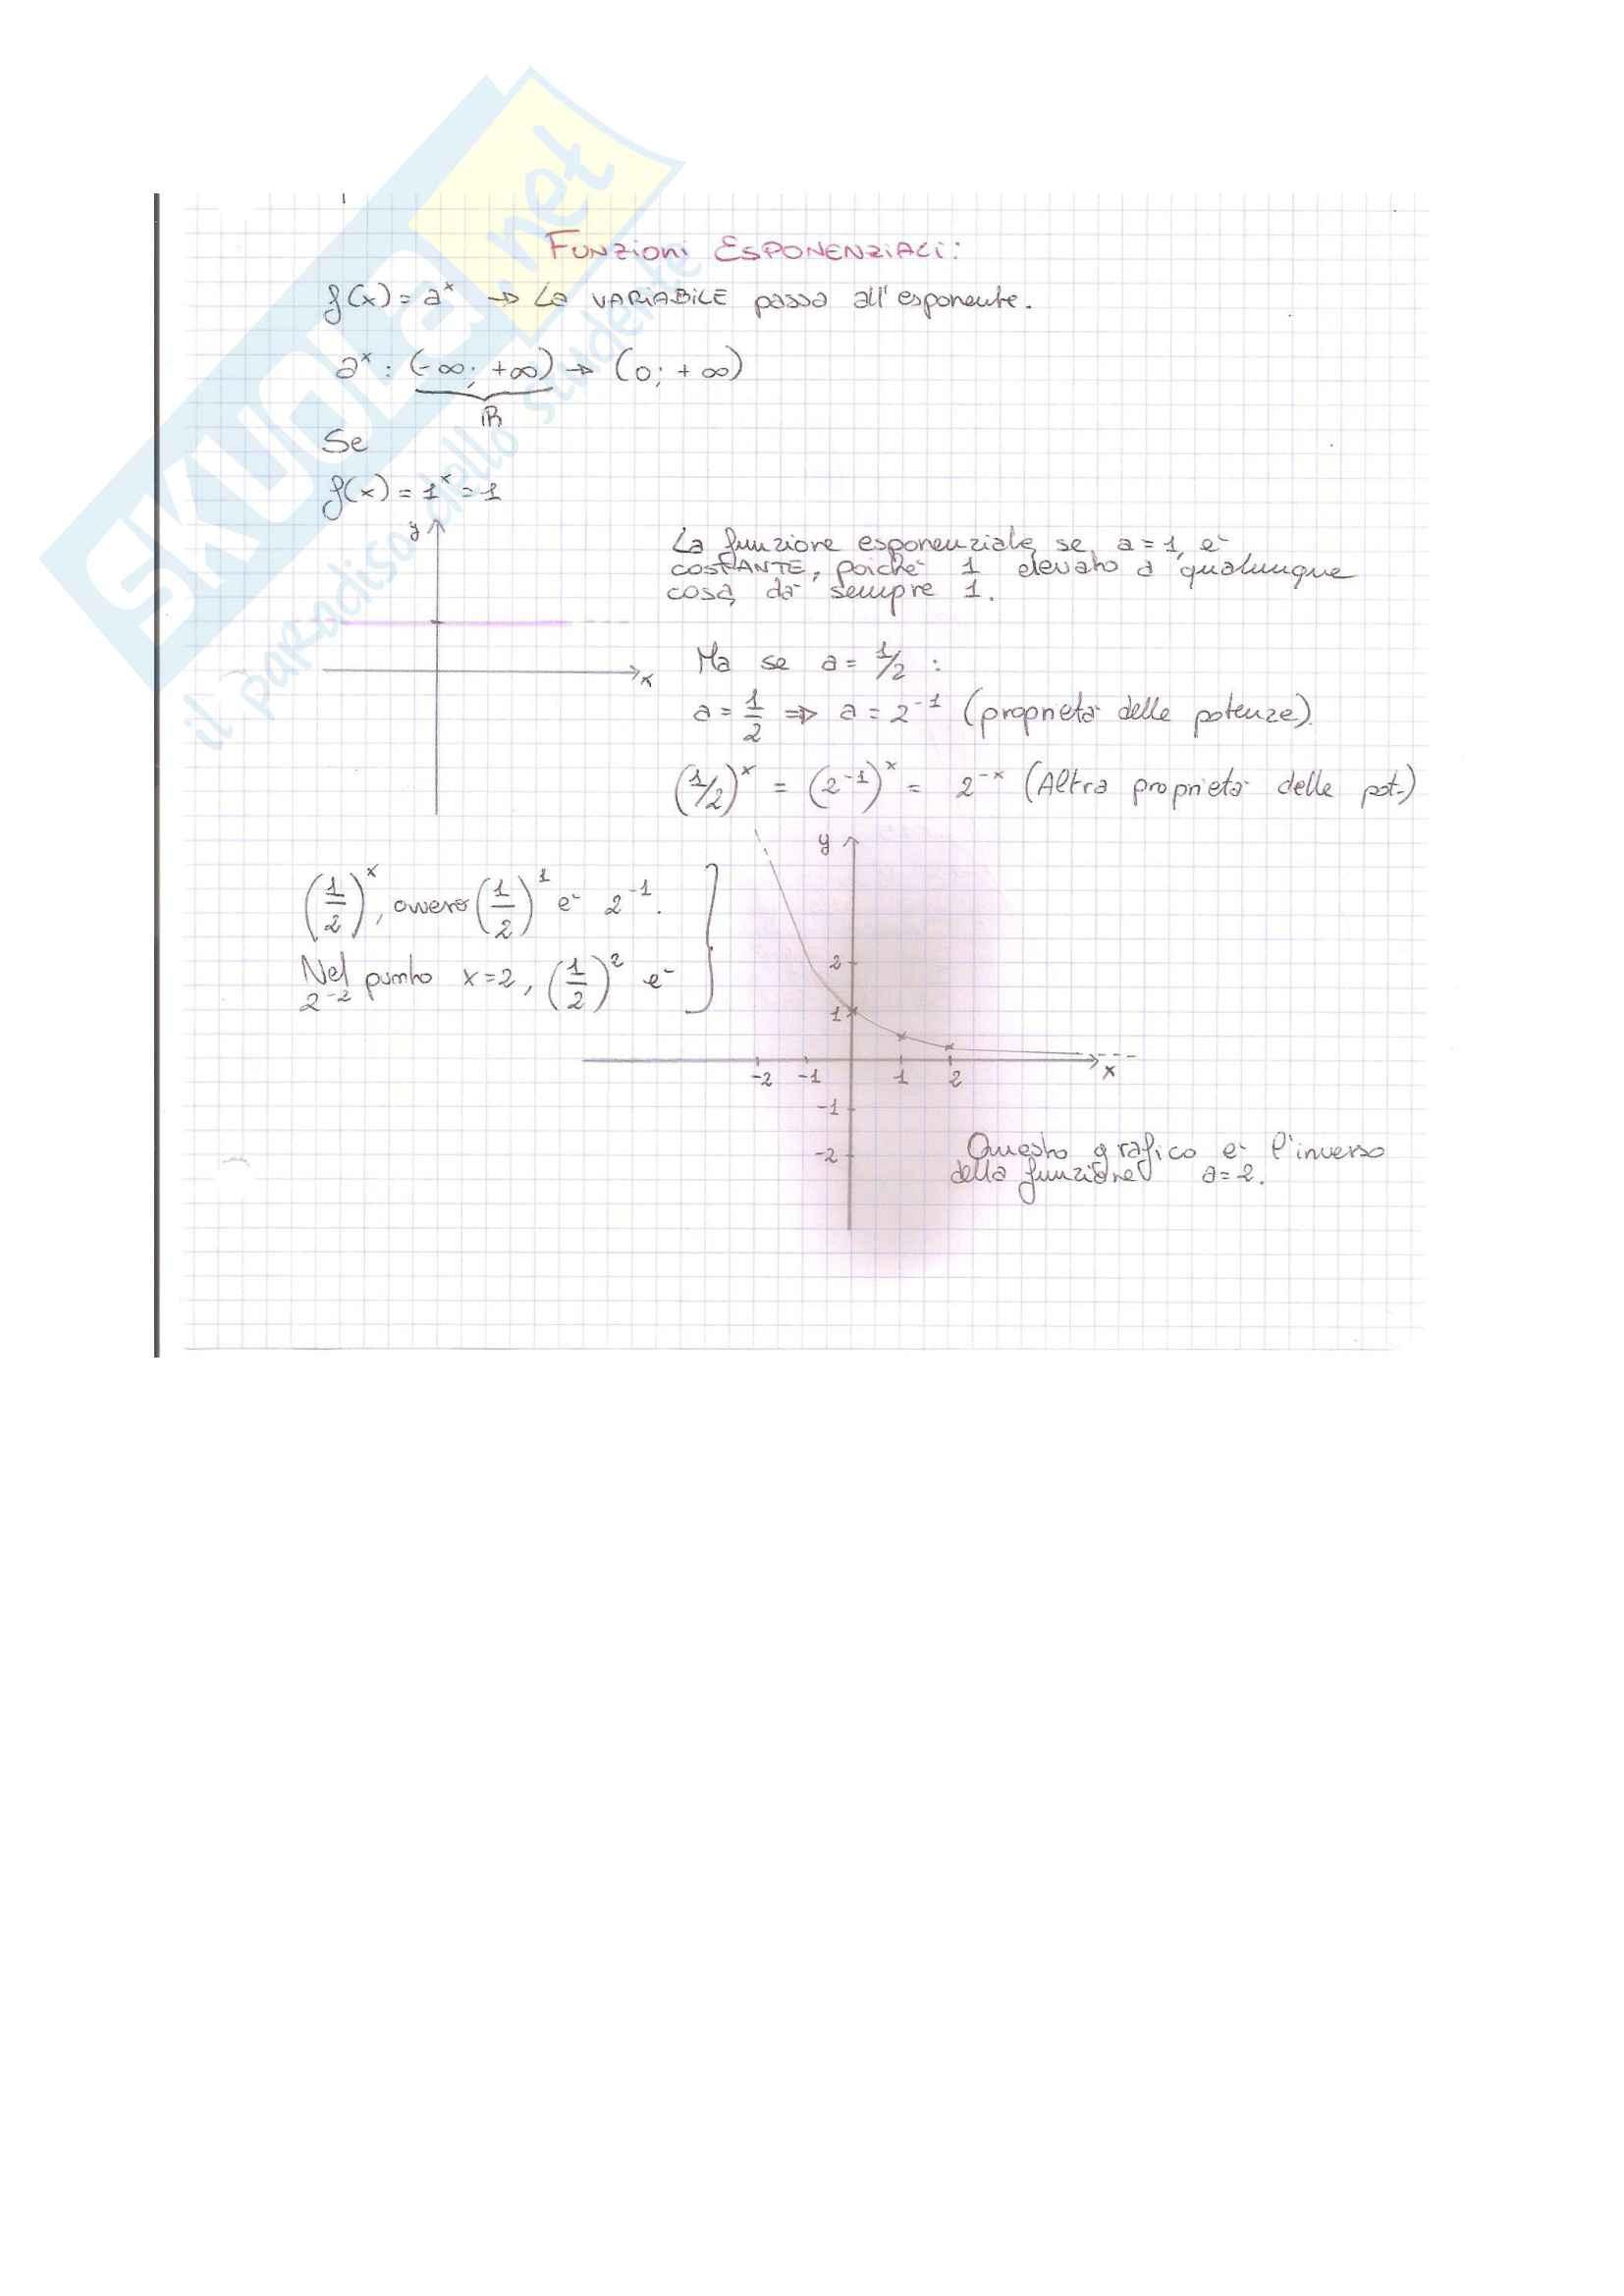 Funzioni composte ed esponenziali